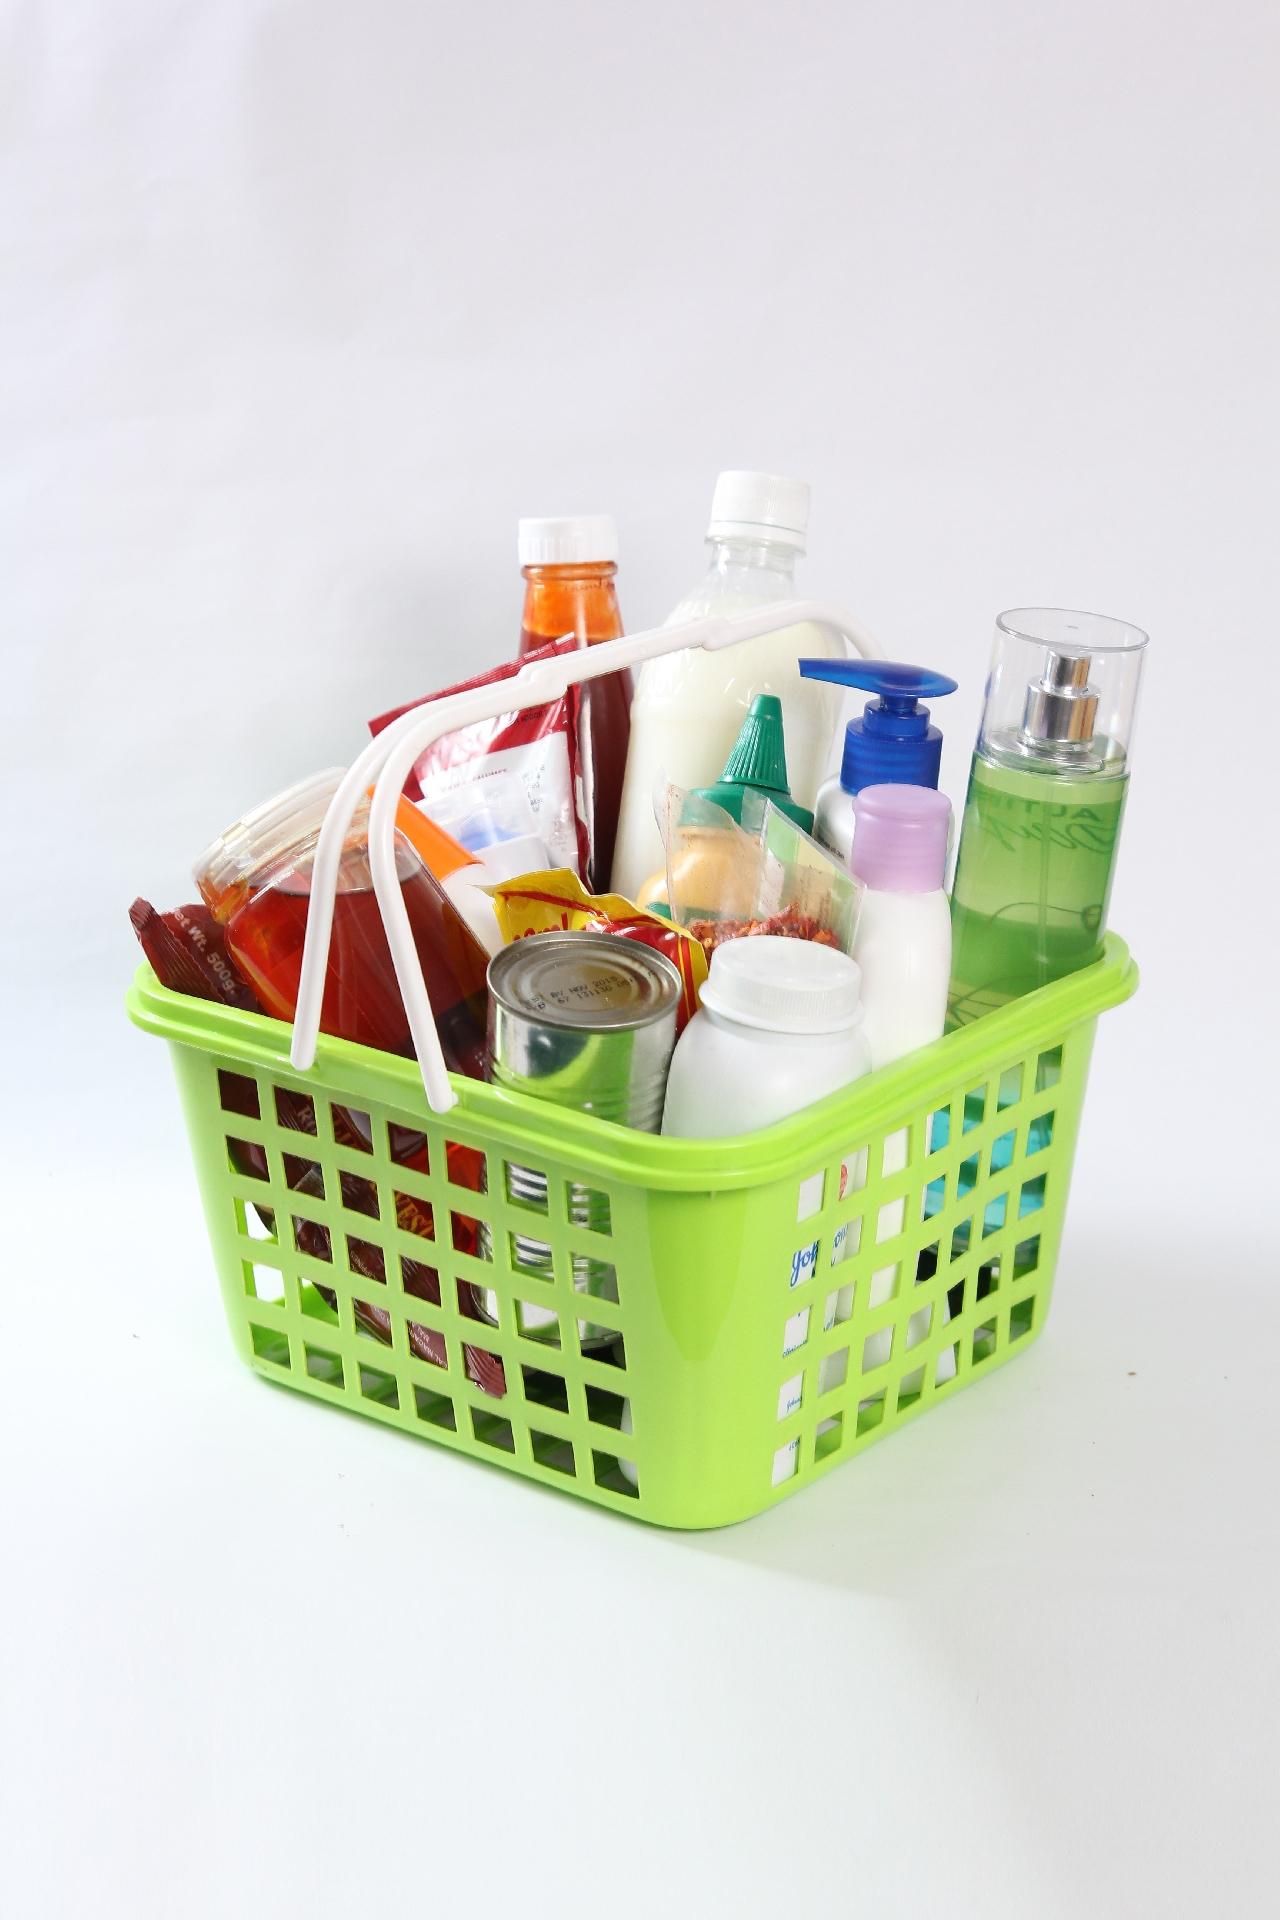 PATH株式会社が新会社設立。化粧品のネット通販やEC企業向け商品供給などを展開